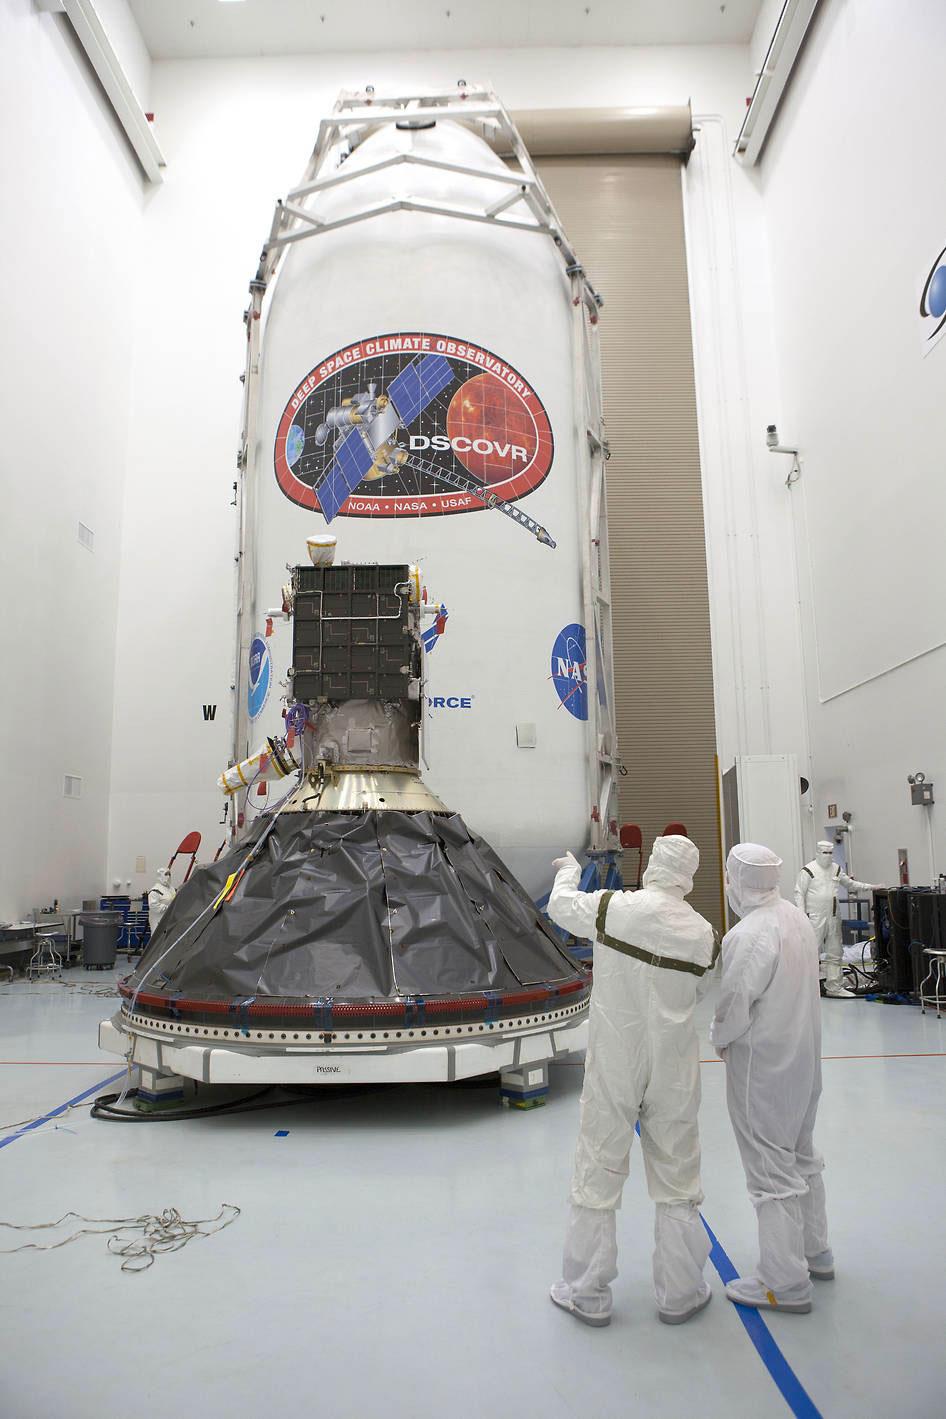 El satélite DSCOVR, el proyecto Triana de Al Gore.